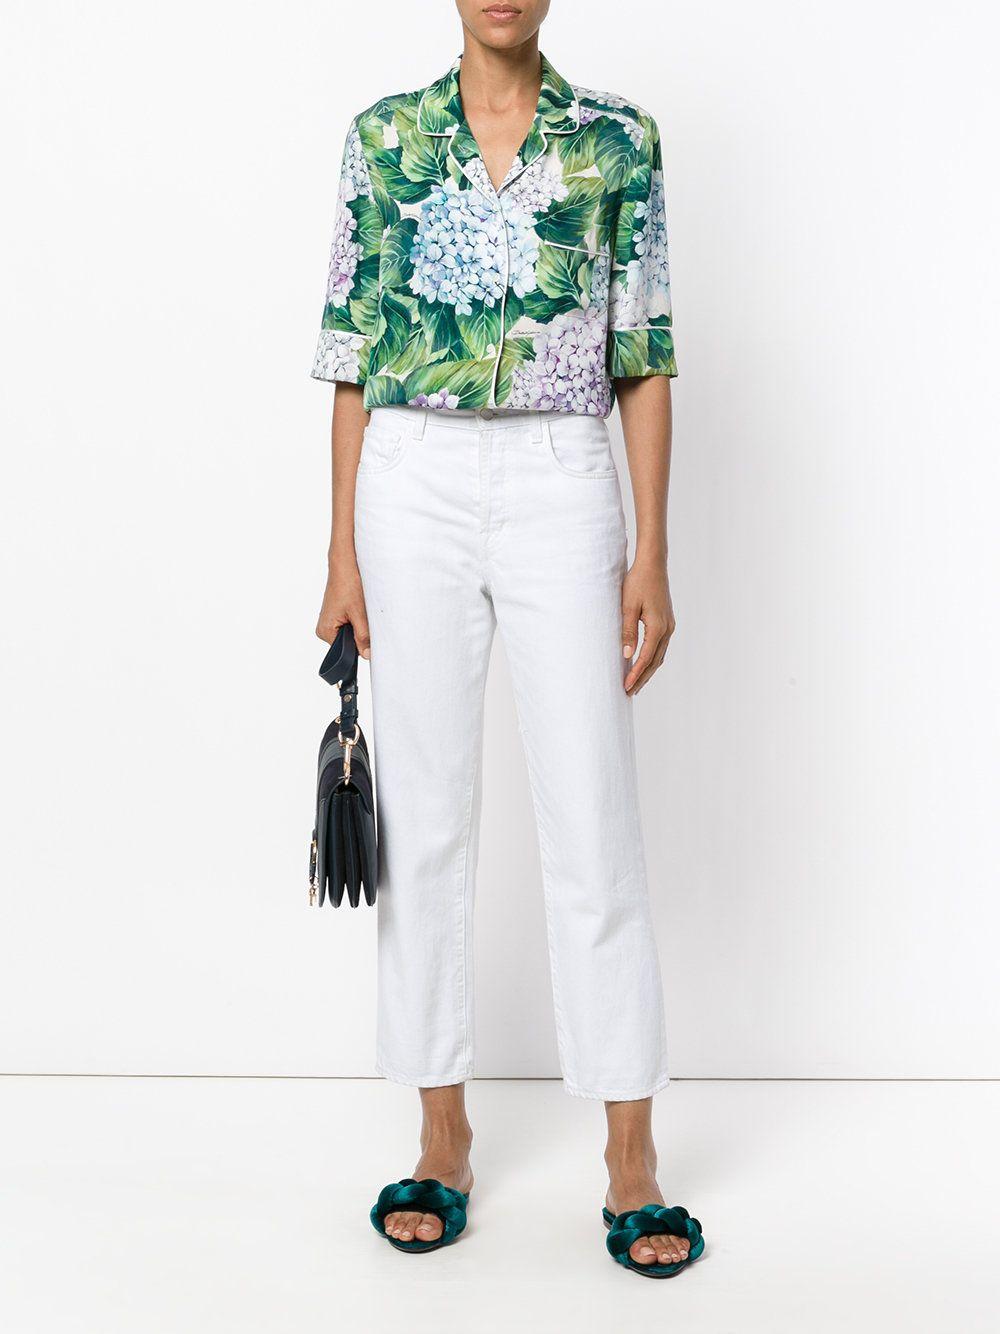 eb9f24923b6 Dolce   Gabbana Рубашка в Пижамном Стиле с Гортензиями - Farfetch ...